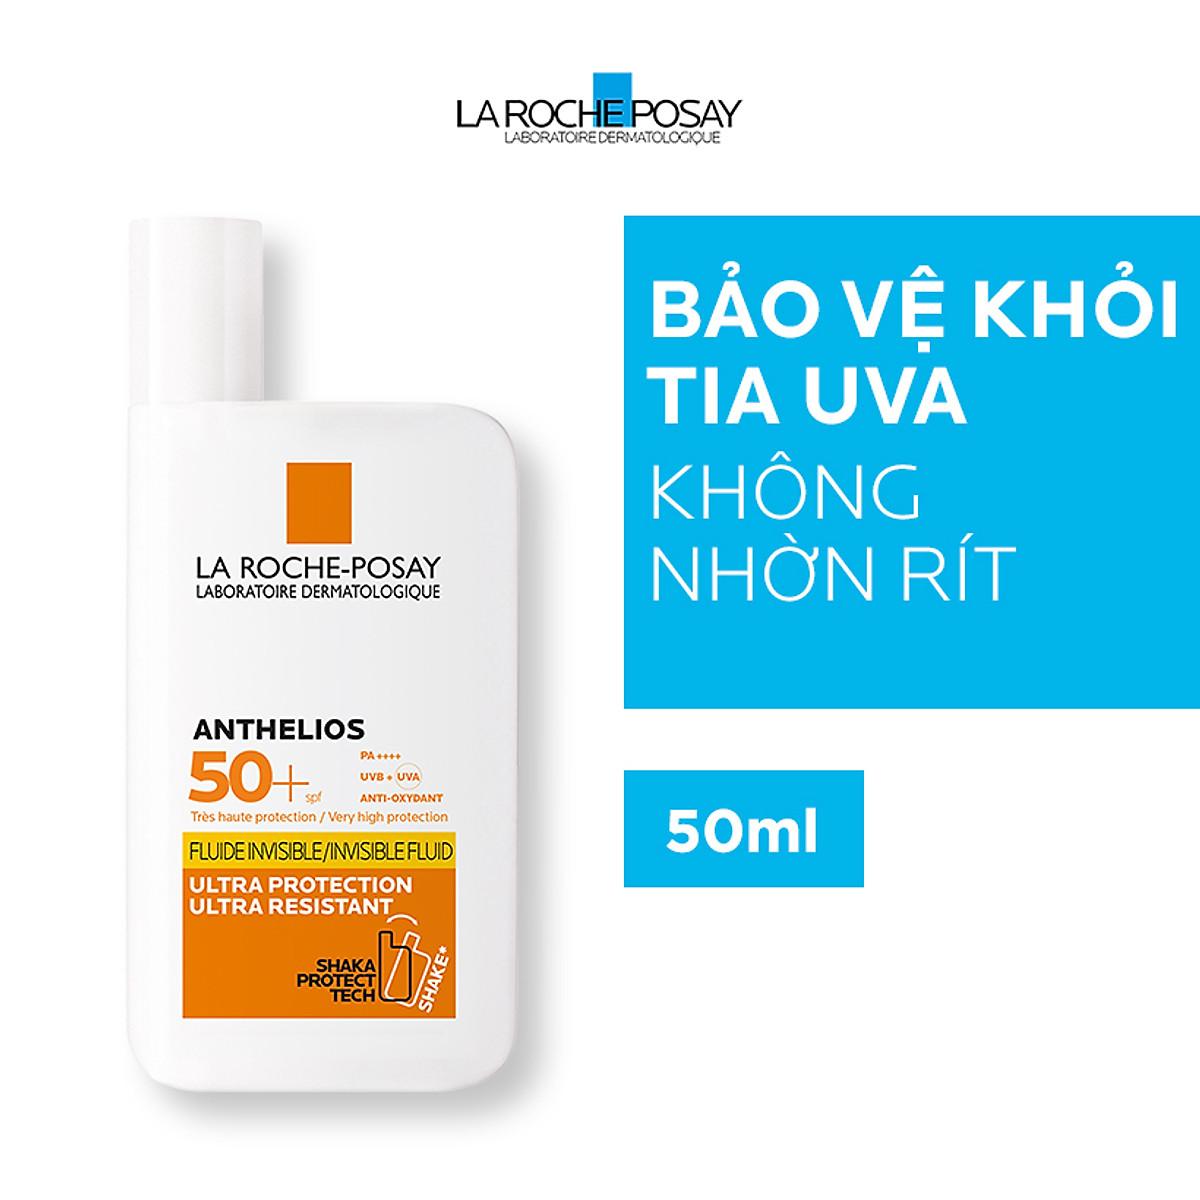 Kem Chống Nắng Dạng Sữa Lỏng Nhẹ Không Nhờn Rít La Roche-Posay Anthelios Shaka Fluid SPF 50+ (50ml) - TẶNG MÓC KHÓA